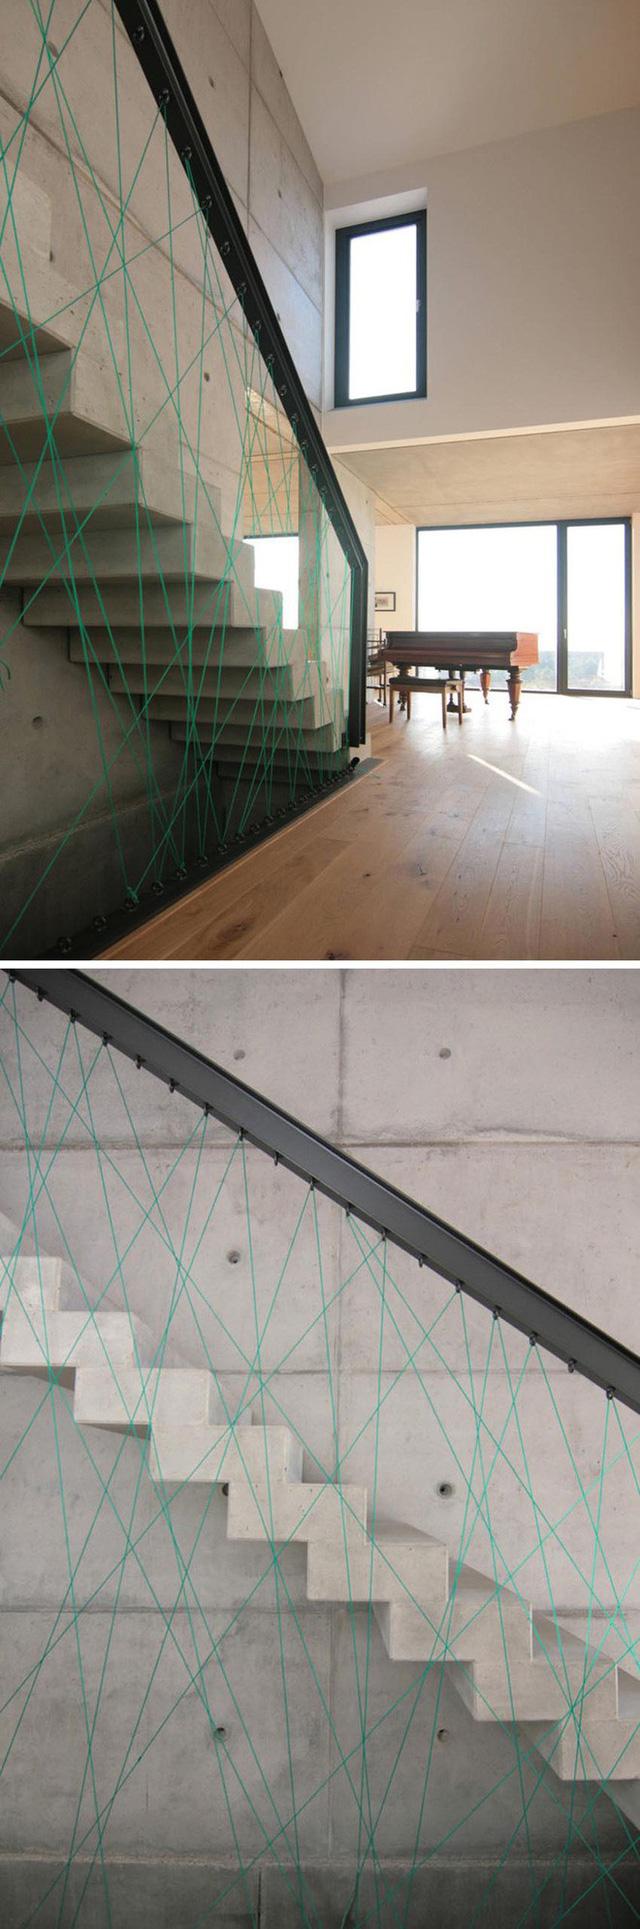 Điểm nhấn với cầu thang dây tạo không gian kiến trúc nhà độc lạ